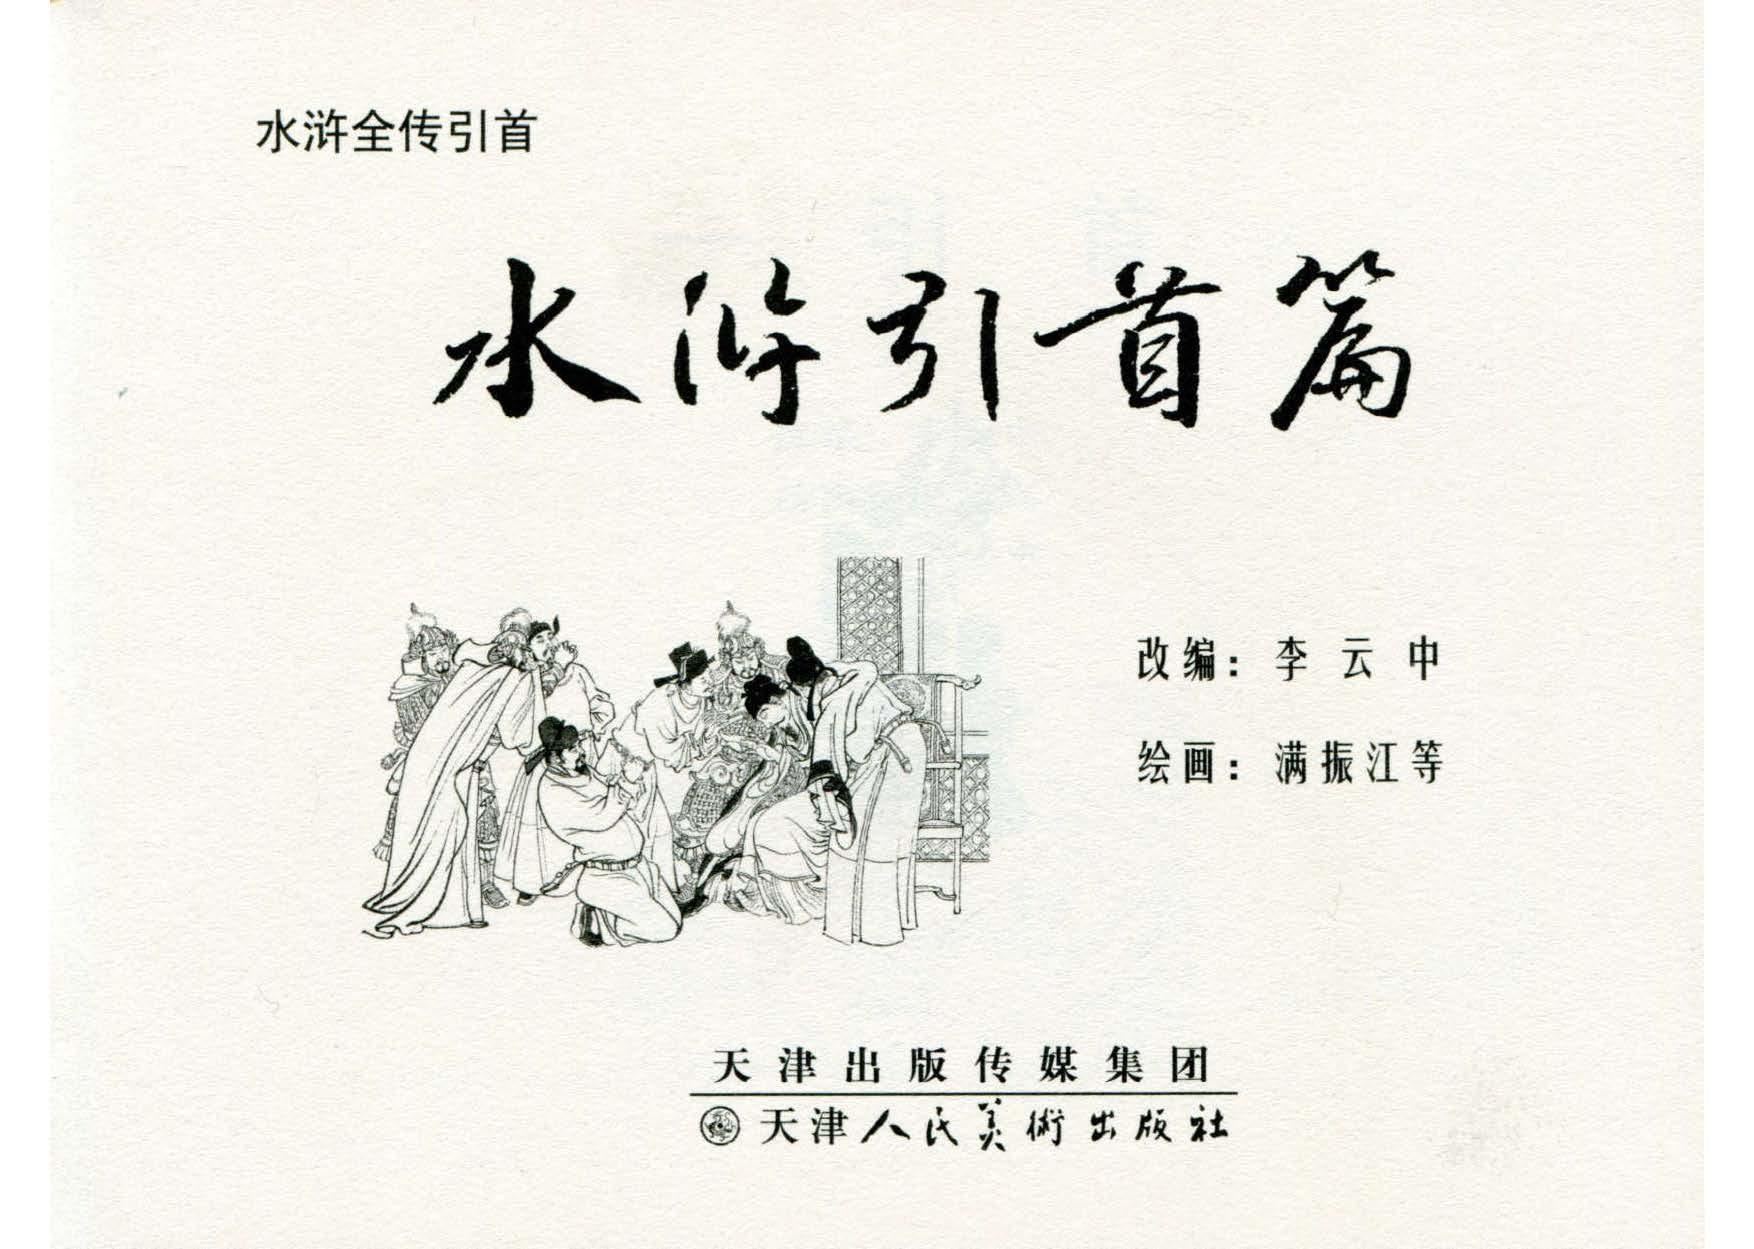 九轩水浒传连环画之引首篇